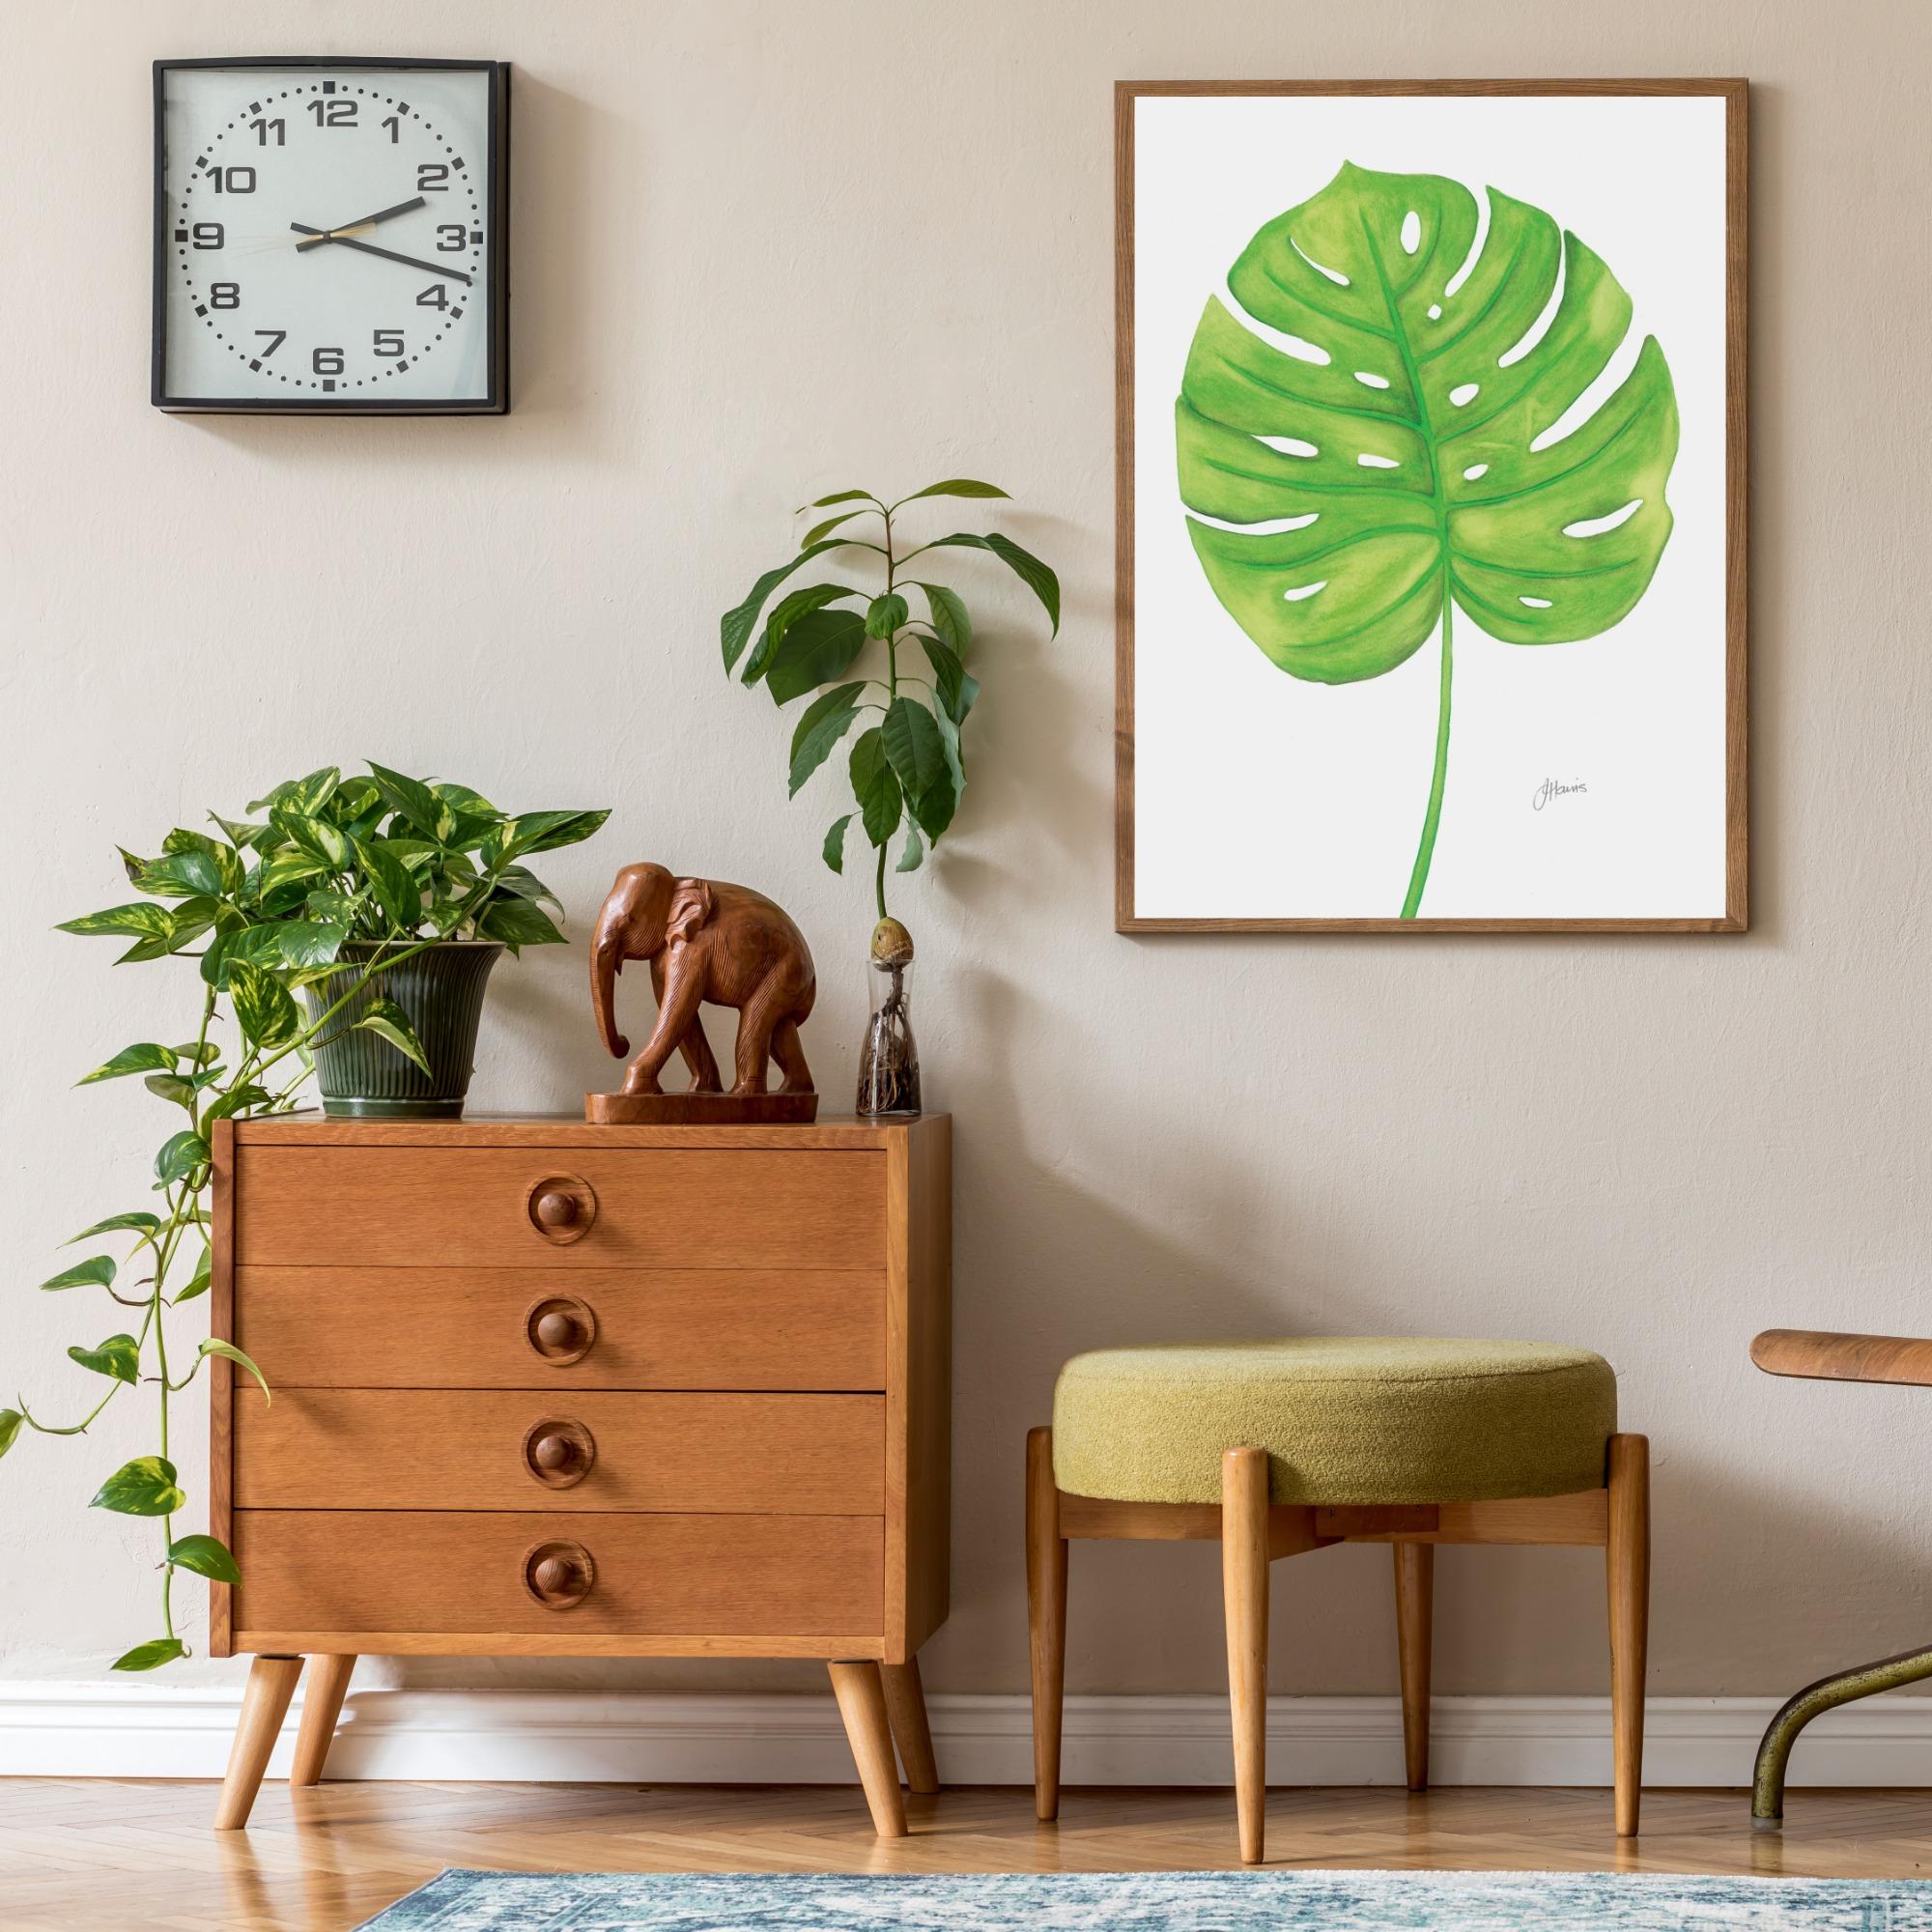 Monstera Living Art in Green